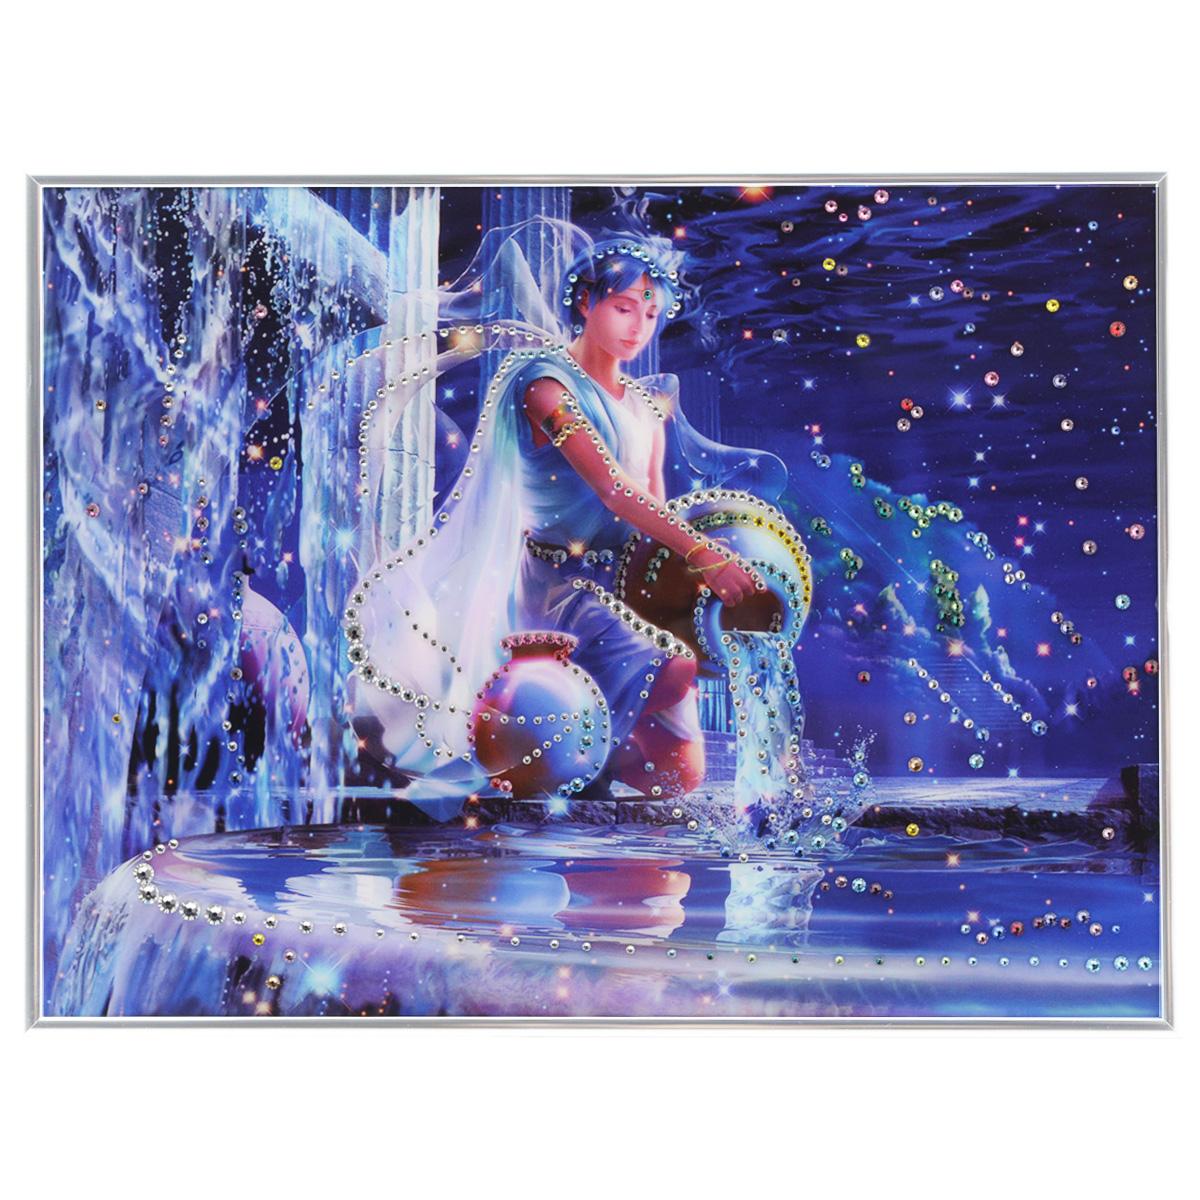 Картина с кристаллами Swarovski Знак зодиака. Водолей Кагая, 40 см х 30 см1141Изящная картина в металлической раме, инкрустирована кристаллами Swarovski, которые отличаются четкой и ровной огранкой, ярким блеском и чистотой цвета. Красочное изображение знака зодиака - водолей Кагая, расположенное под стеклом, прекрасно дополняет блеск кристаллов. С обратной стороны имеется металлическая петелька для размещения картины на стене. Картина с кристаллами Swarovski Знак зодиака. Водолей Кагая элегантно украсит интерьер дома или офиса, а также станет прекрасным подарком, который обязательно понравится получателю. Блеск кристаллов в интерьере, что может быть сказочнее и удивительнее. Картина упакована в подарочную картонную коробку синего цвета и комплектуется сертификатом соответствия Swarovski.